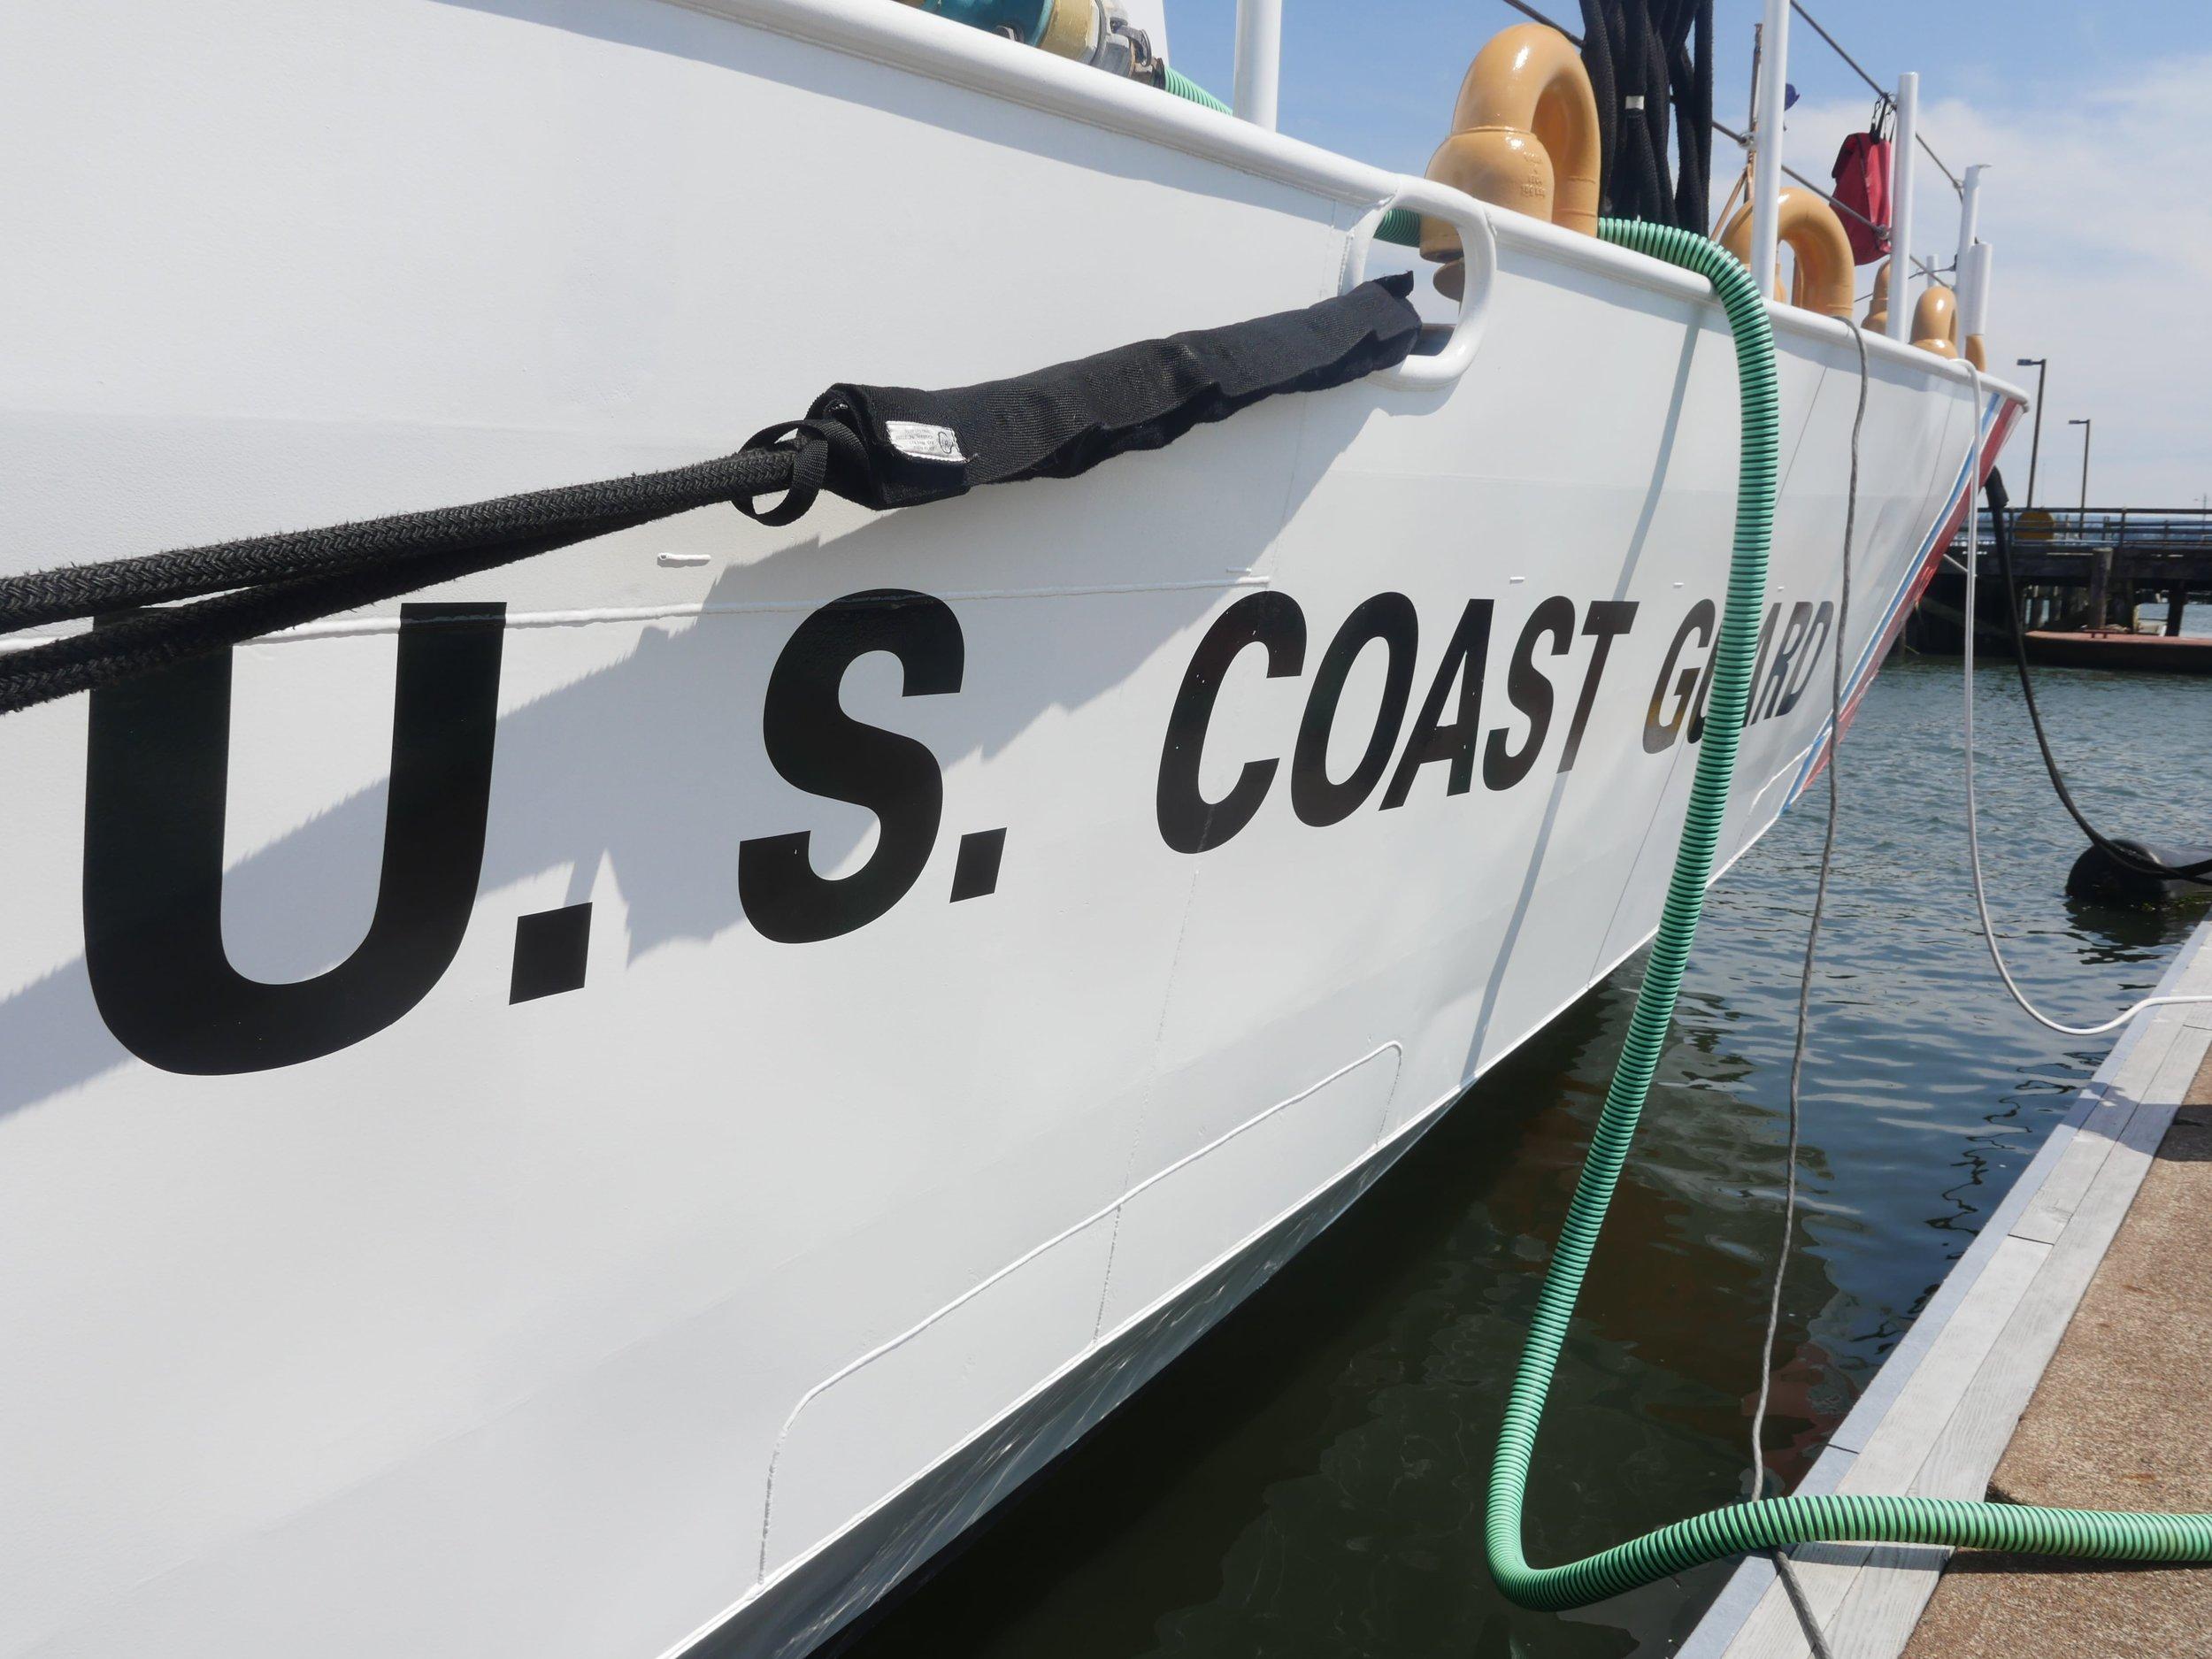 USCGC Orcas